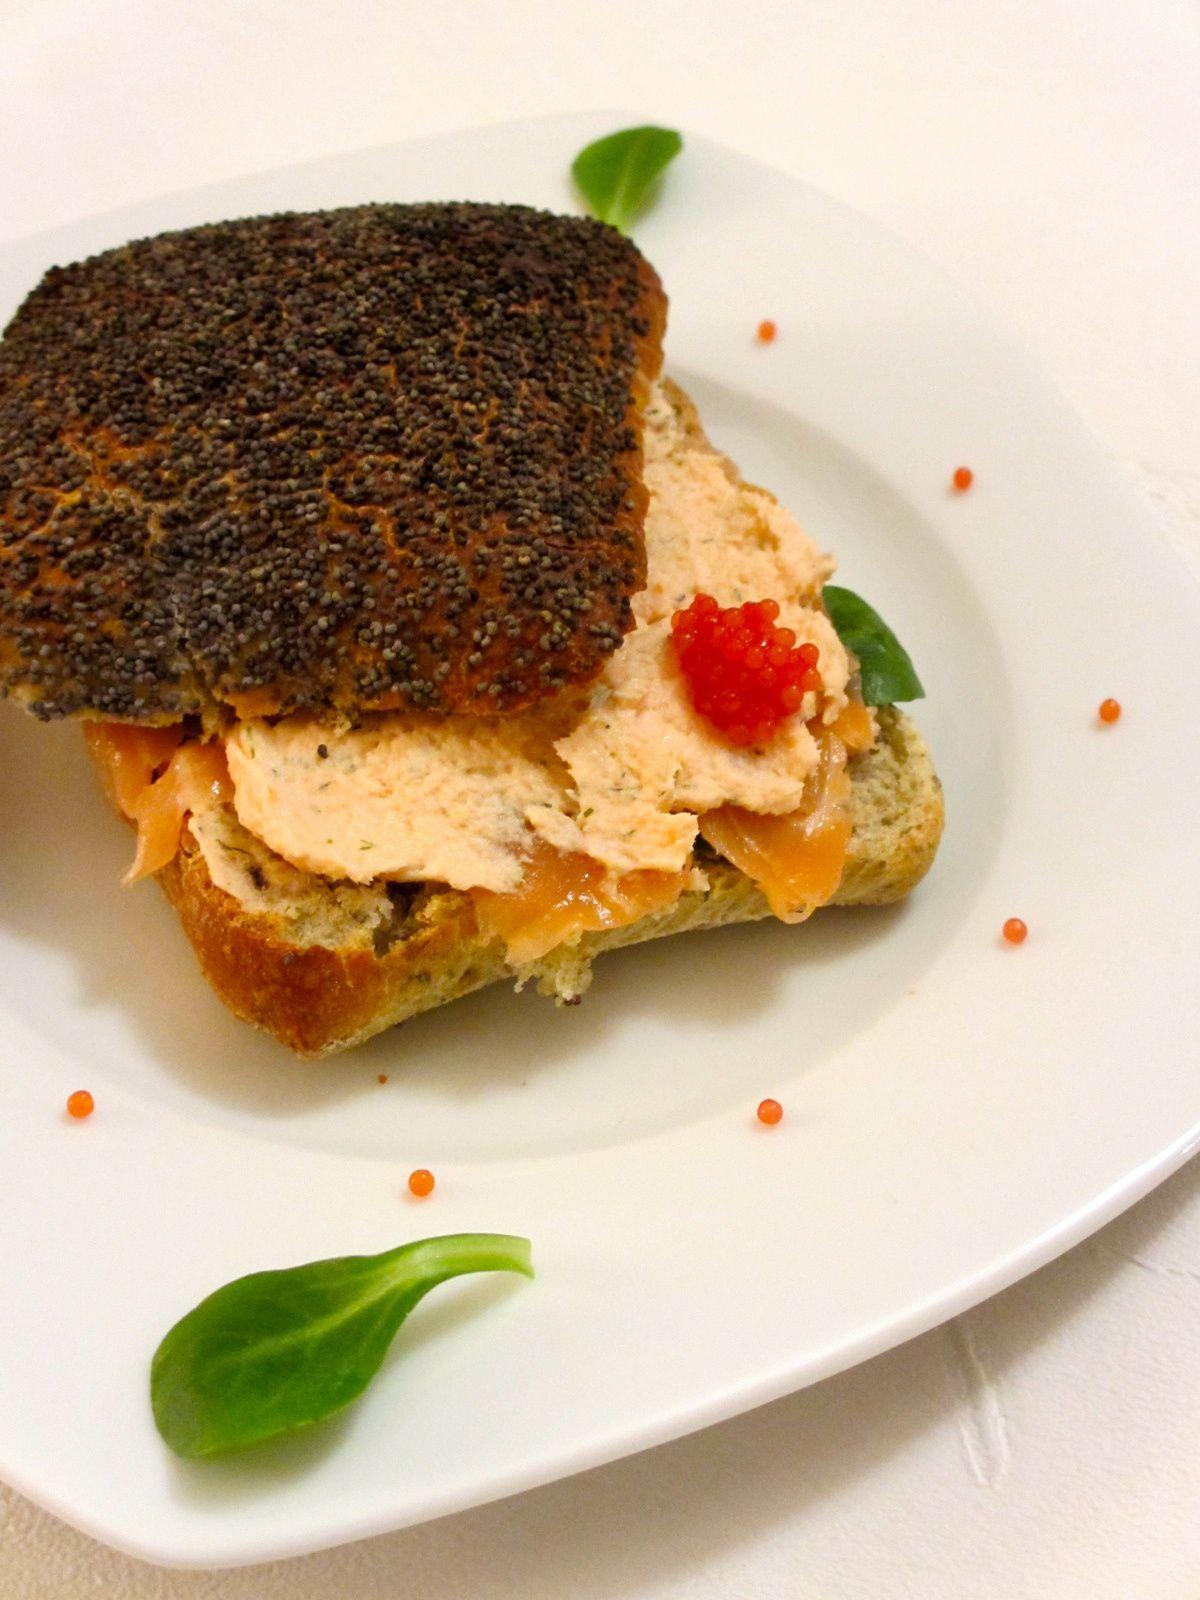 Sandwich saveur des mers